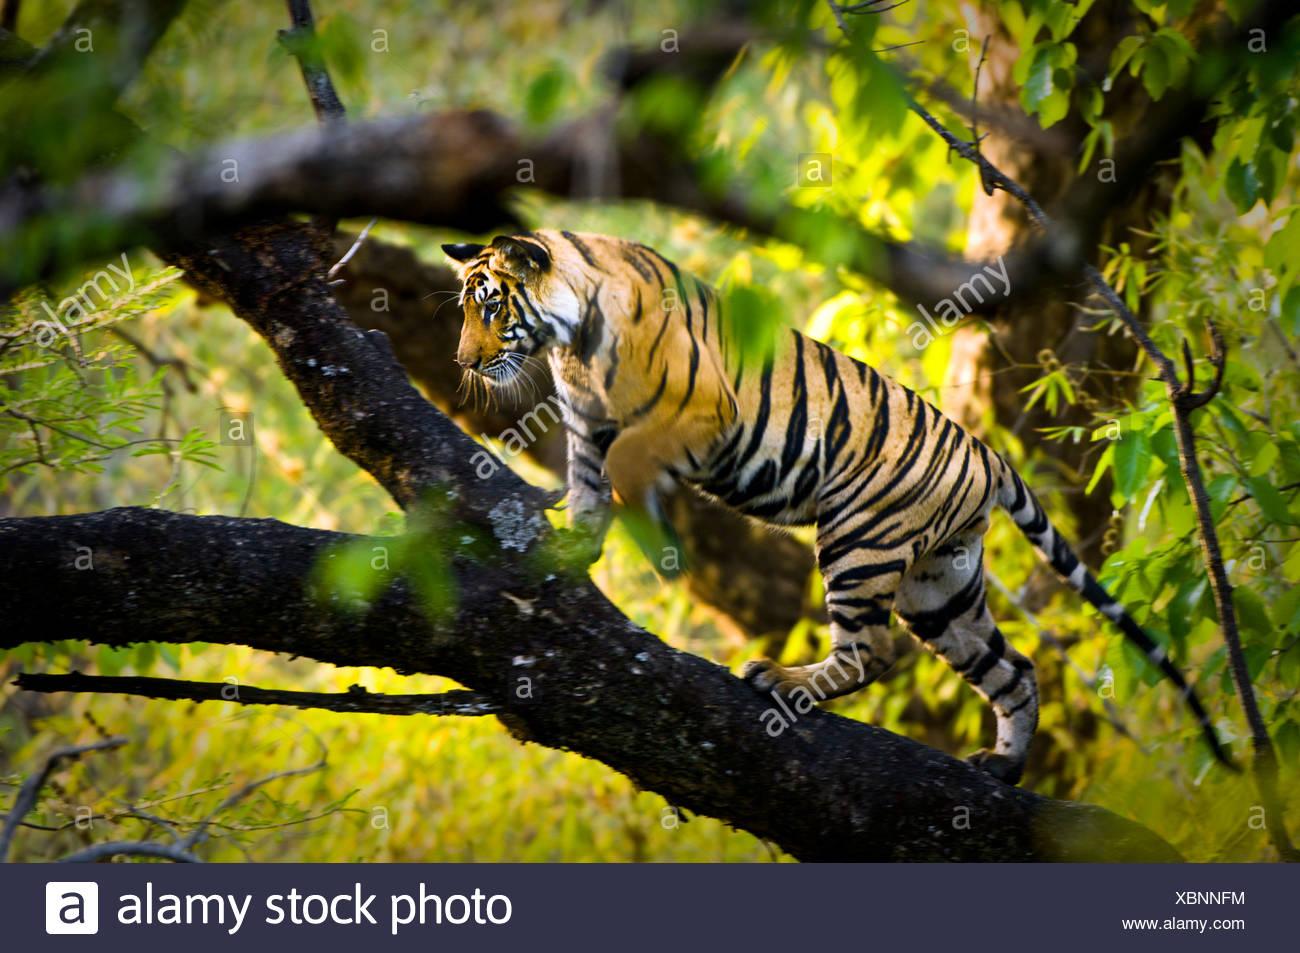 Adolescente di sesso maschile tigre del Bengala (circa quindici mesi) di arrampicarsi su un albero. Bandhavgarh NP, Madhya Pradesh, India. Immagini Stock